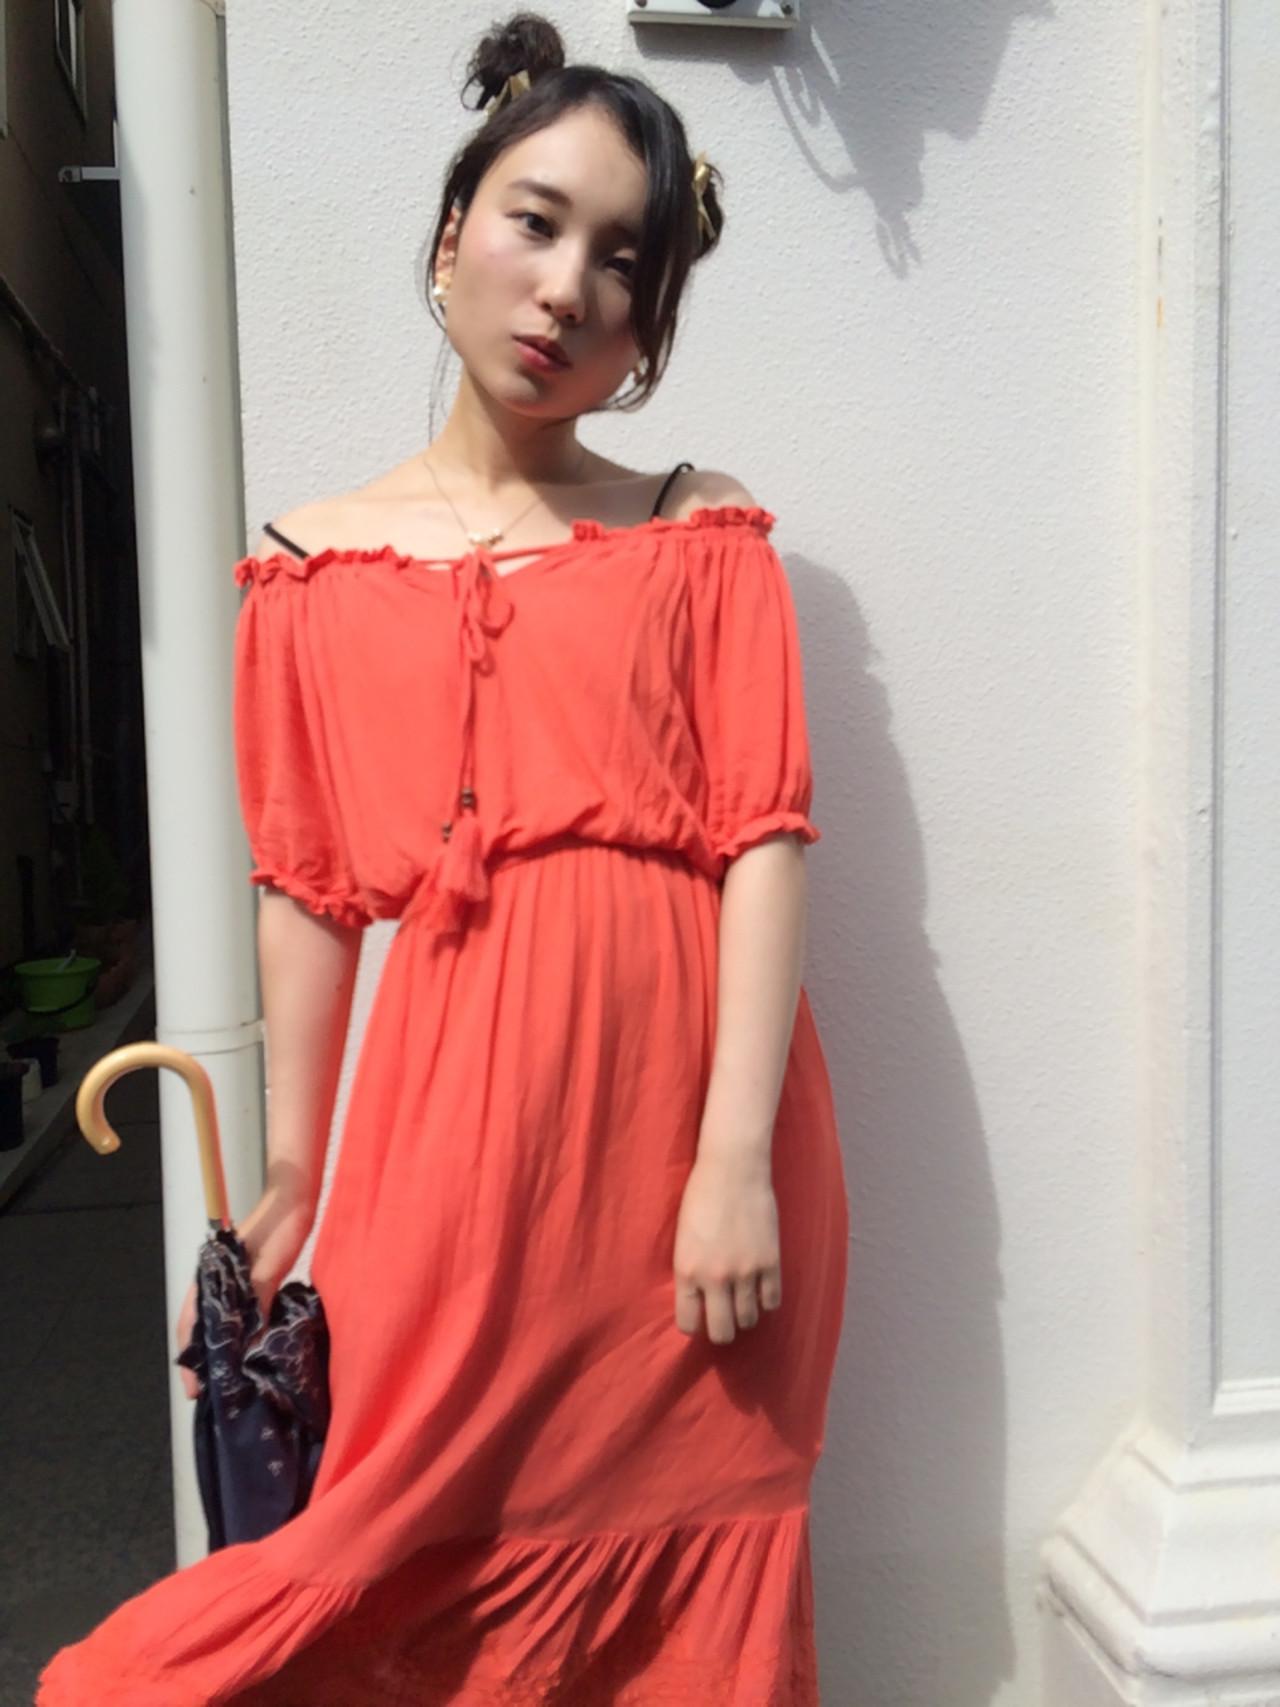 ピュア ショート ヘアアレンジ ハーフアップ ヘアスタイルや髪型の写真・画像 | katsuhiro sasaki / HAIR&ART  LUMINA